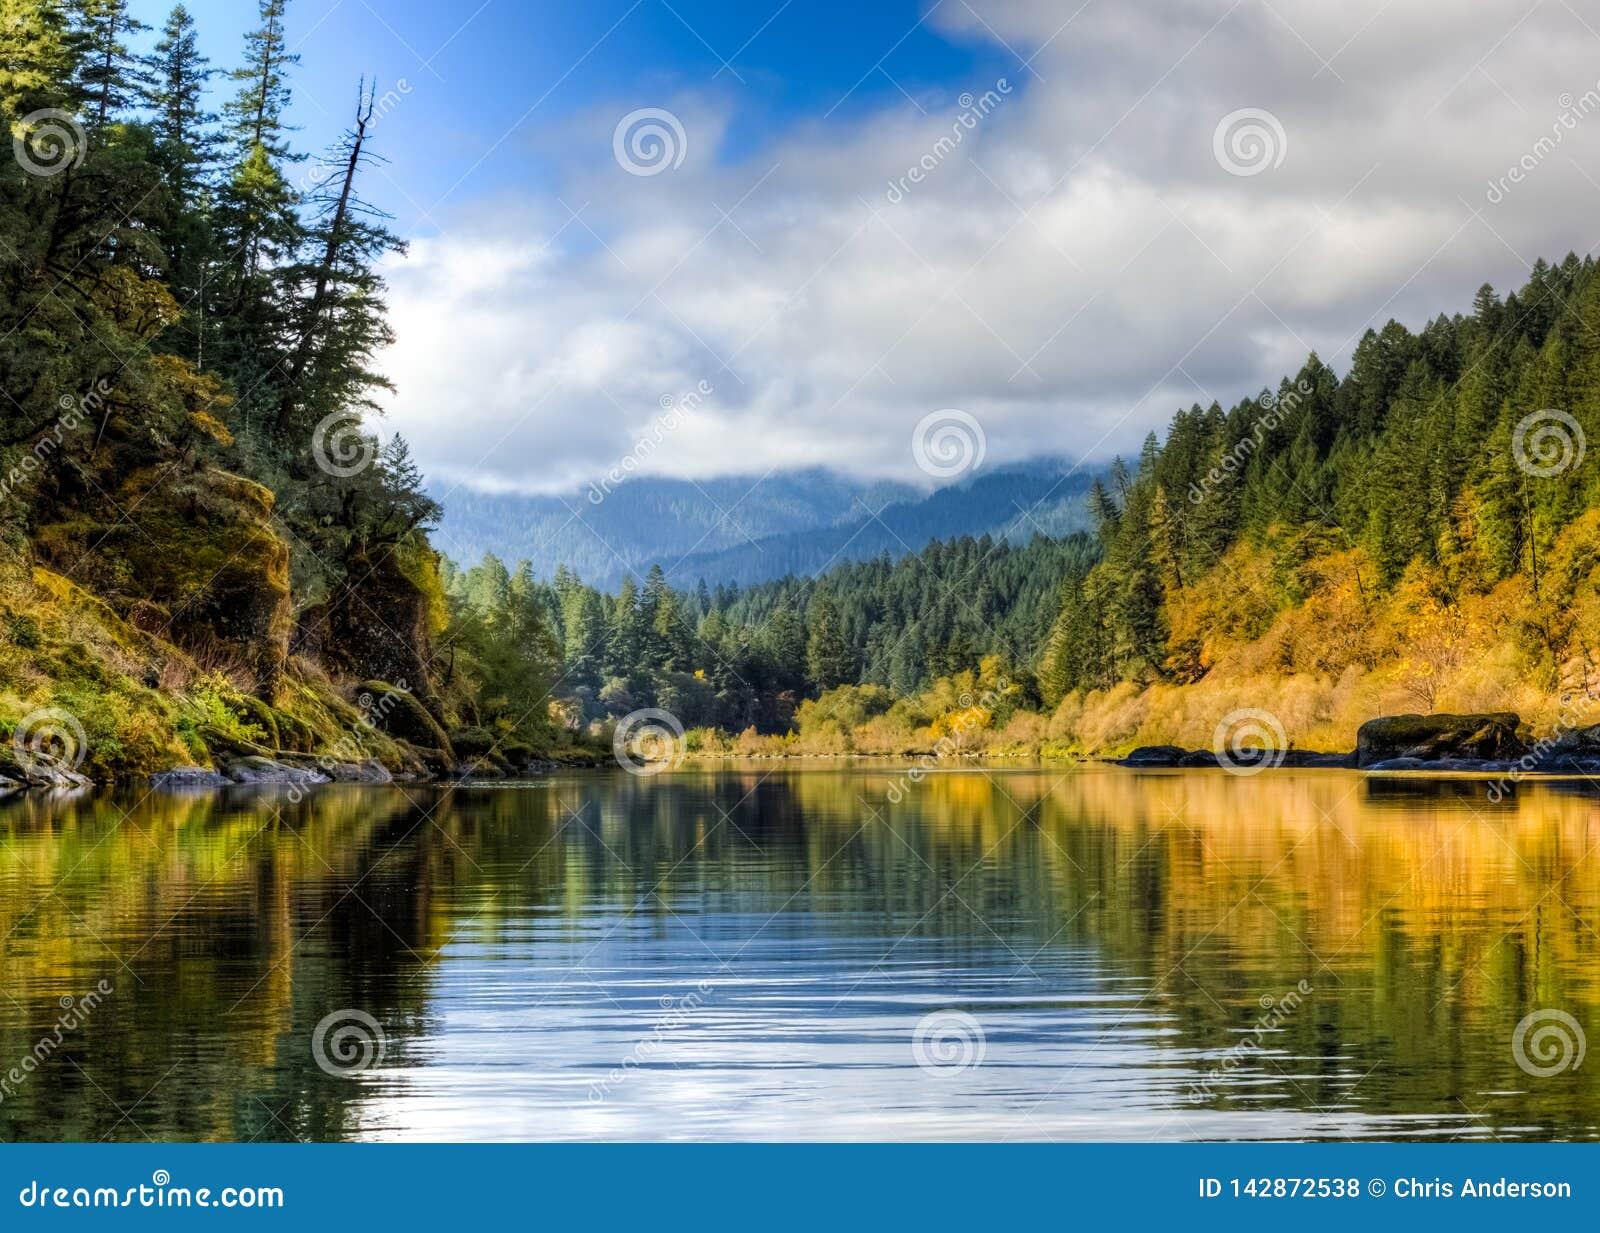 Сильные мшистые валуны выравнивают края более низкого жульнического реки в конце октября с голубым небом и облаками в расстоянии